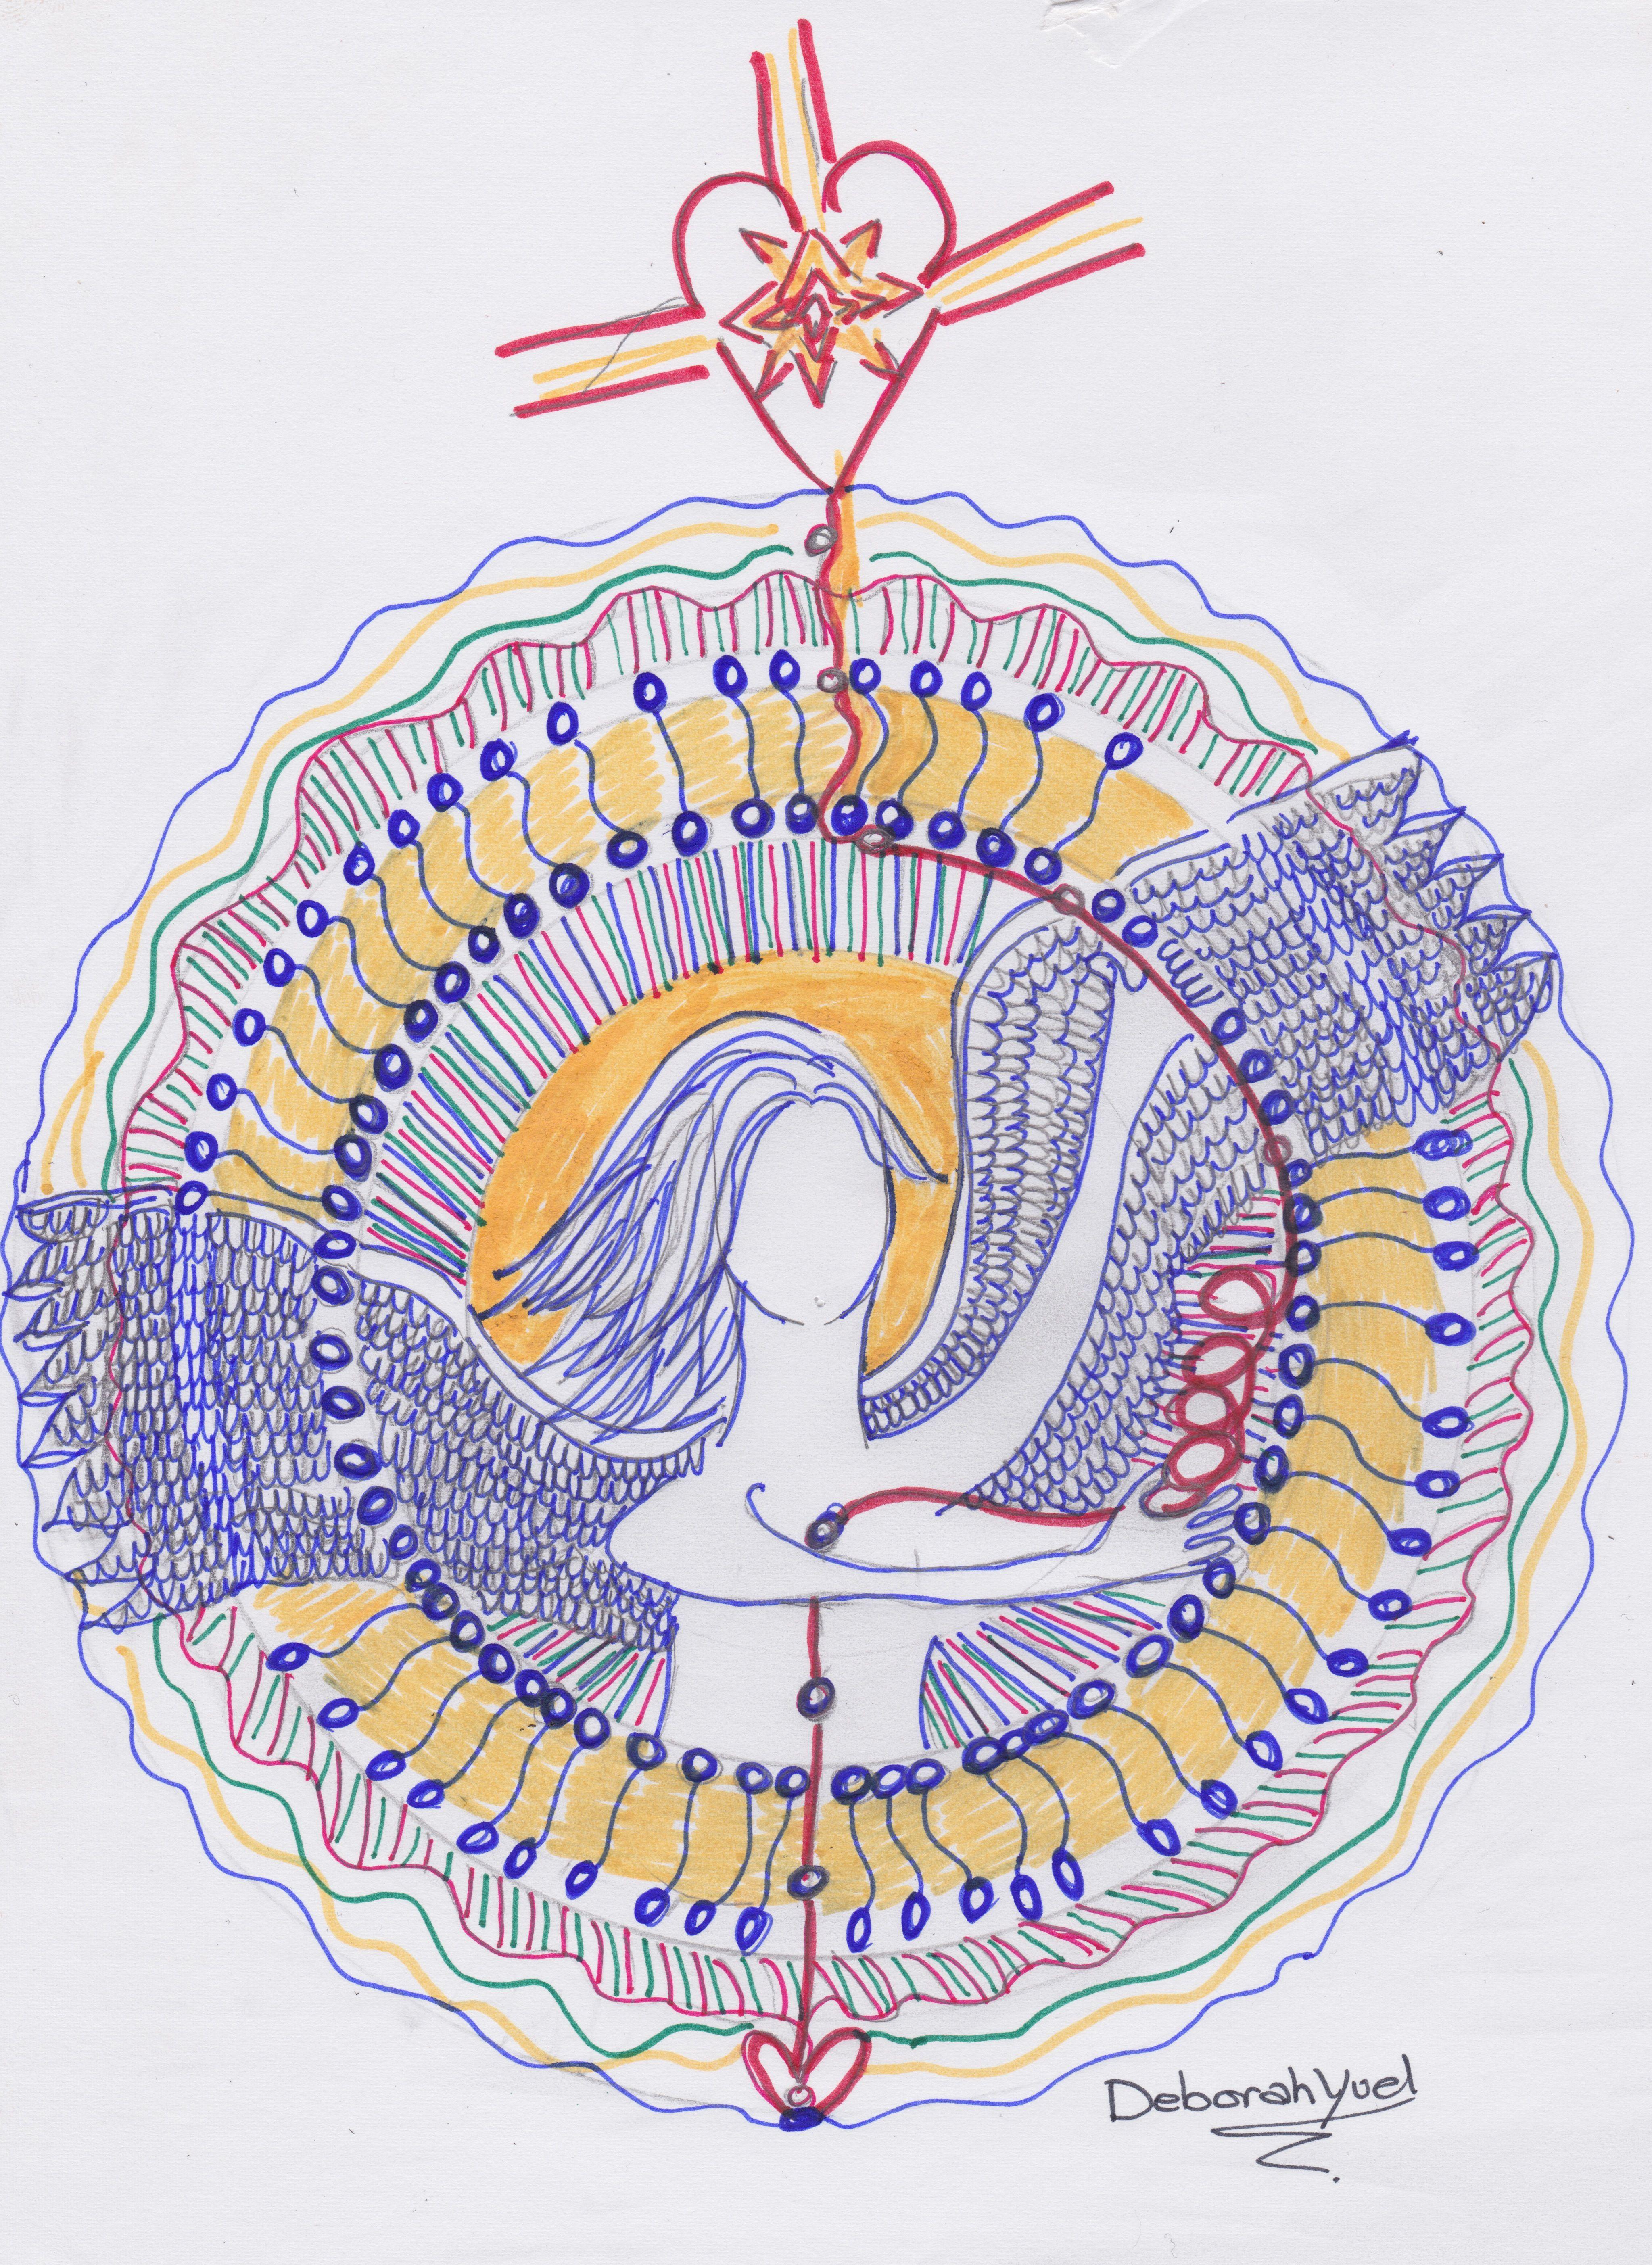 Verbinden,met jezelf,leven vanuit je hart,verbinden met anderen,verbinden met de kosmos!